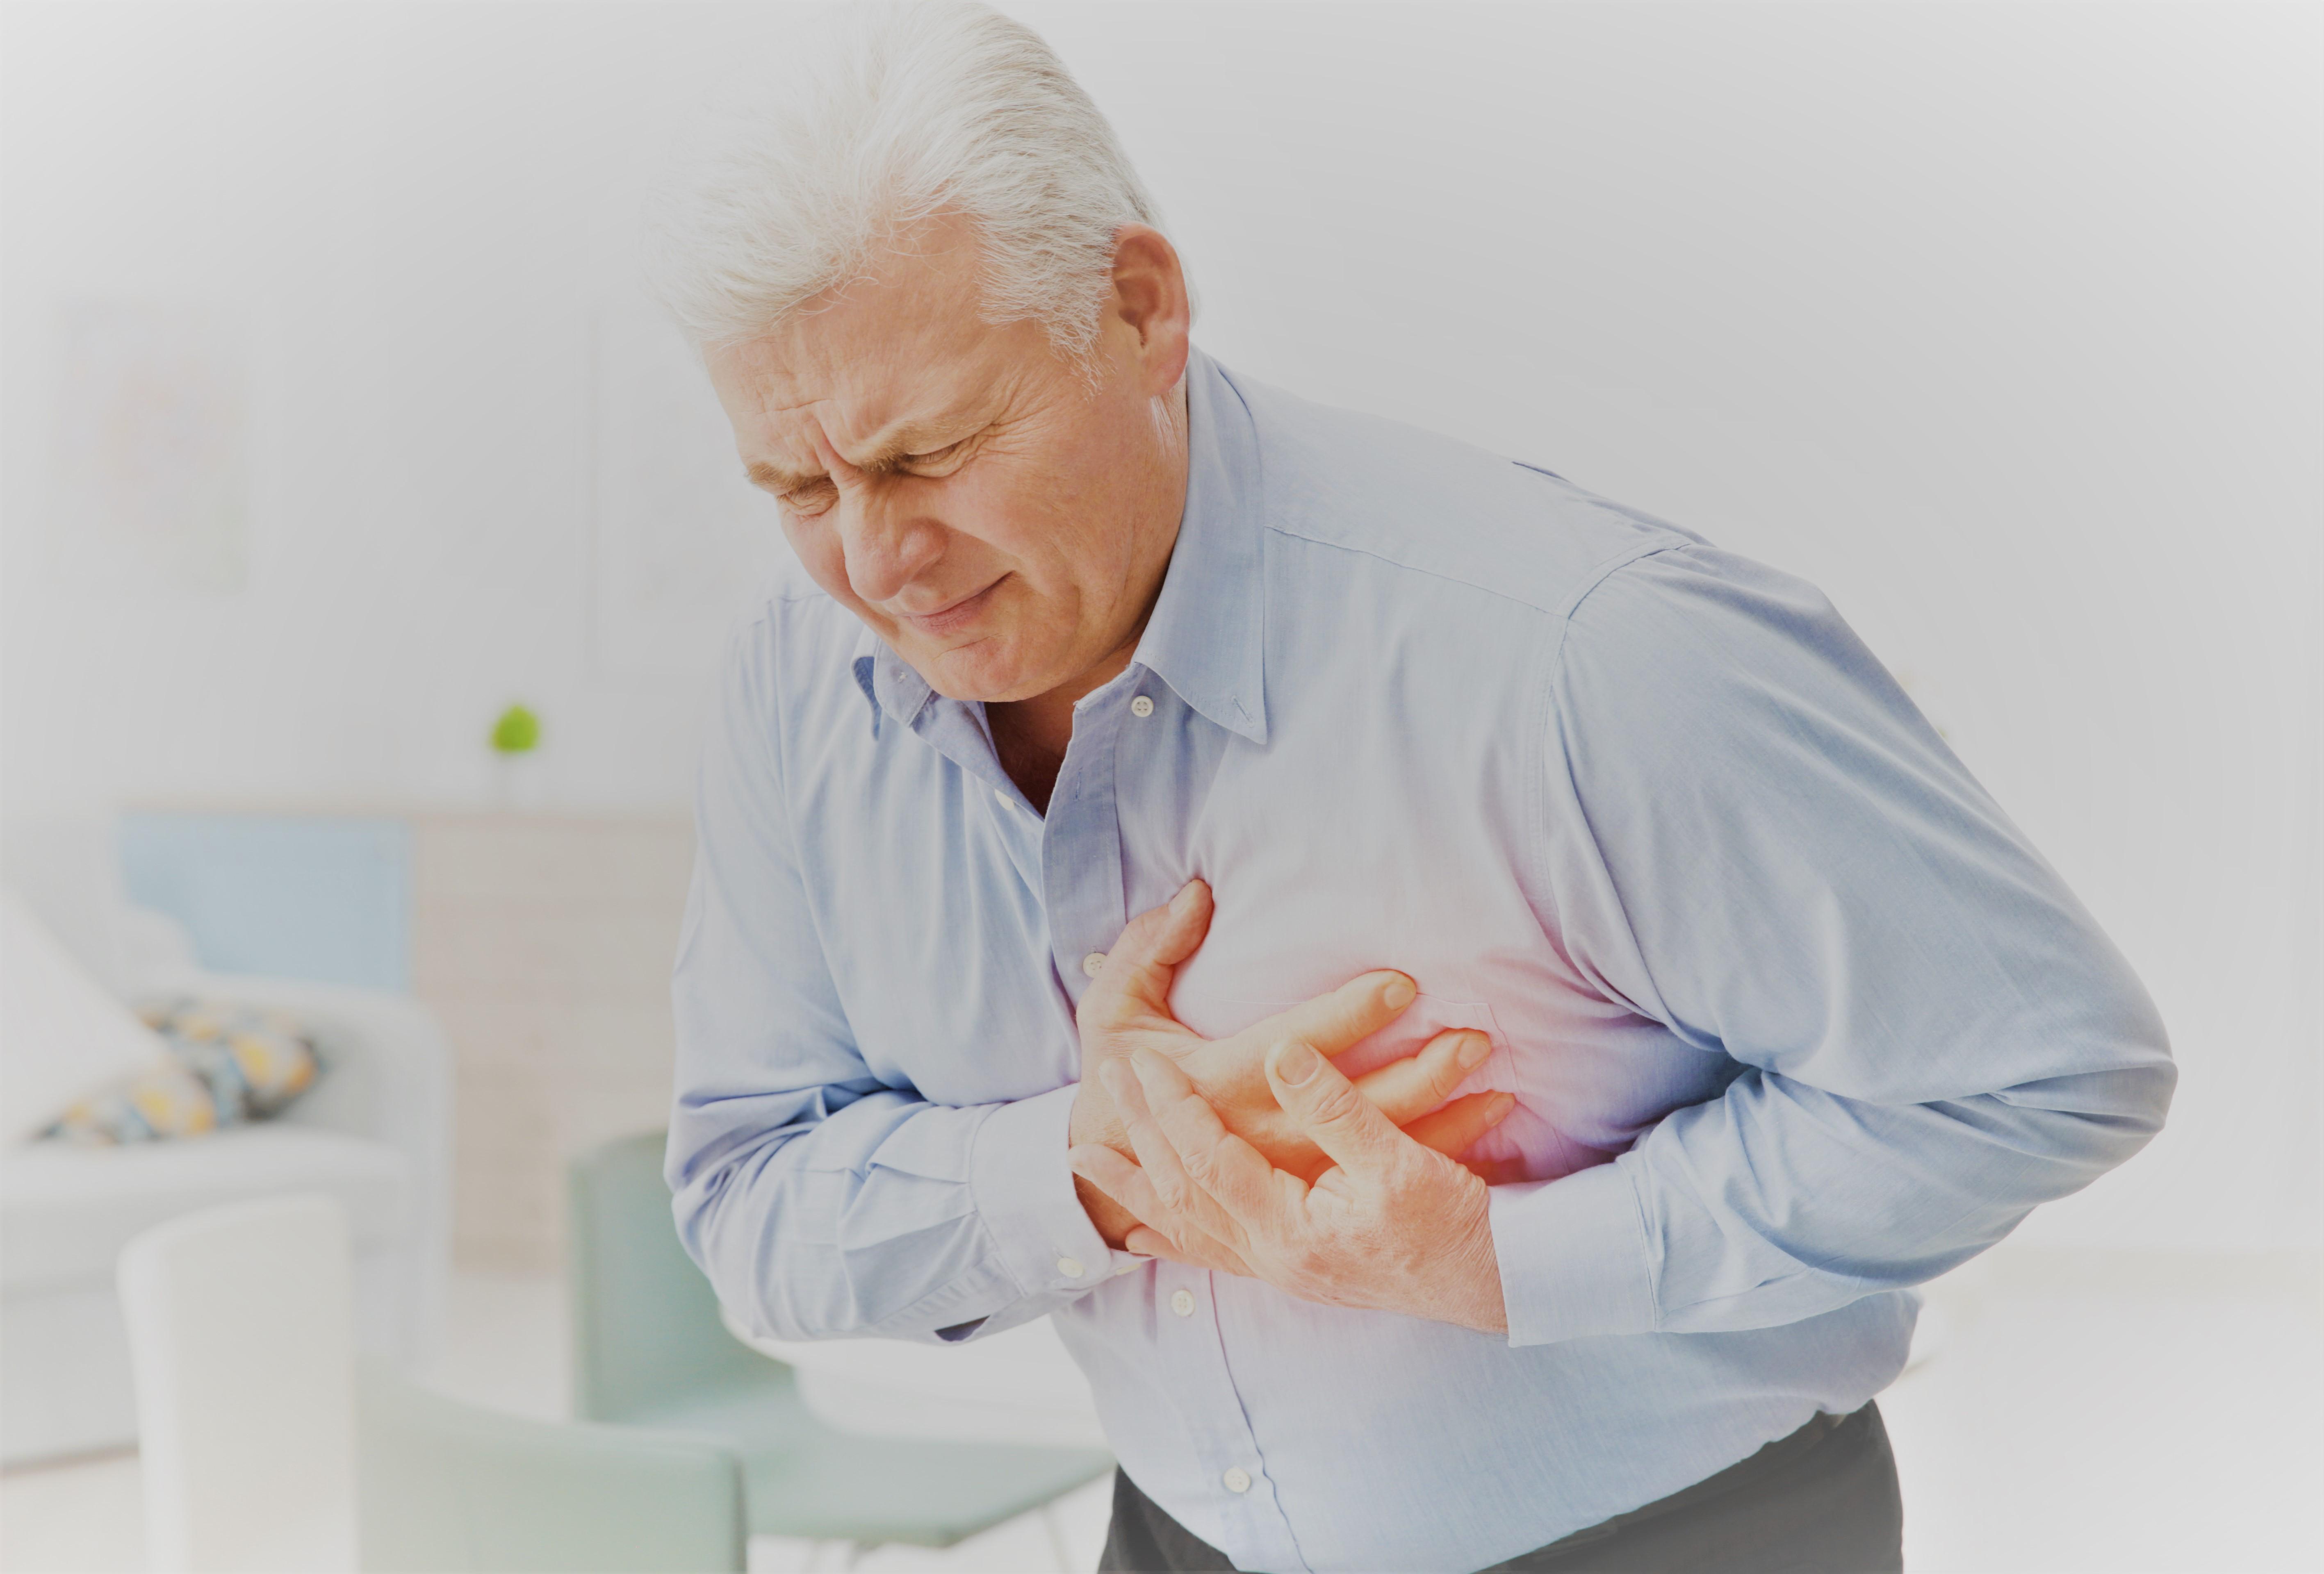 ízületi fájdalom kiütés a testön miért fáj a jobb láb térdízülete